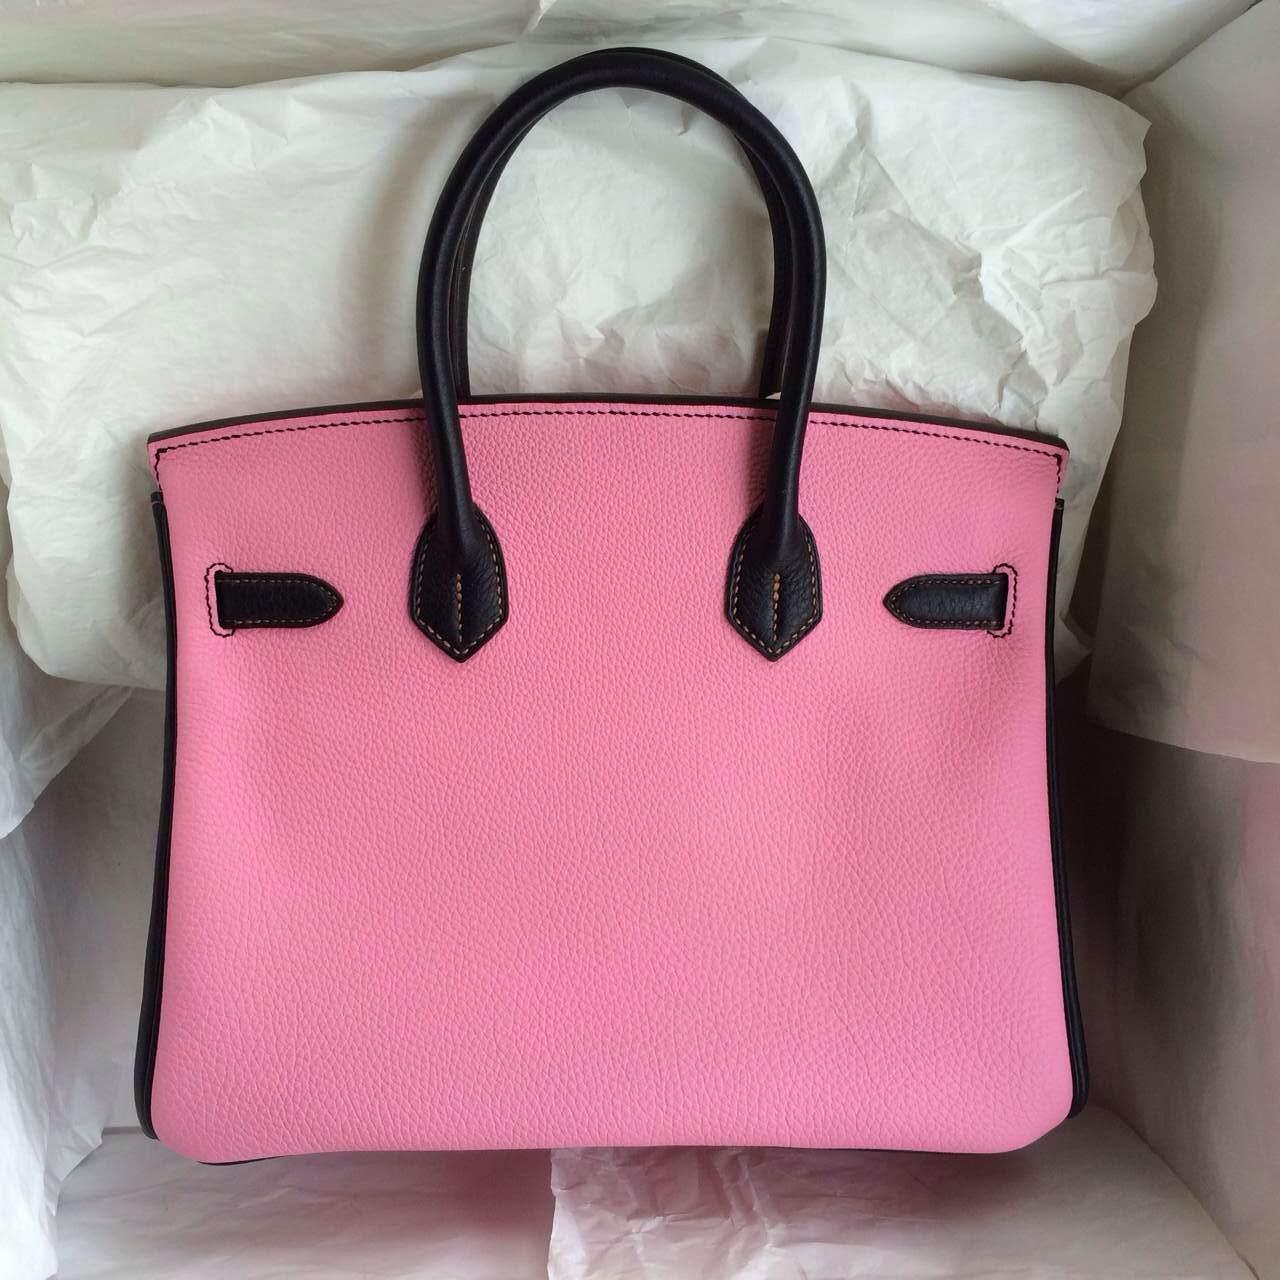 5P Pink/Black France Togo Leather Hermes Birkin Bag Gold Hardware